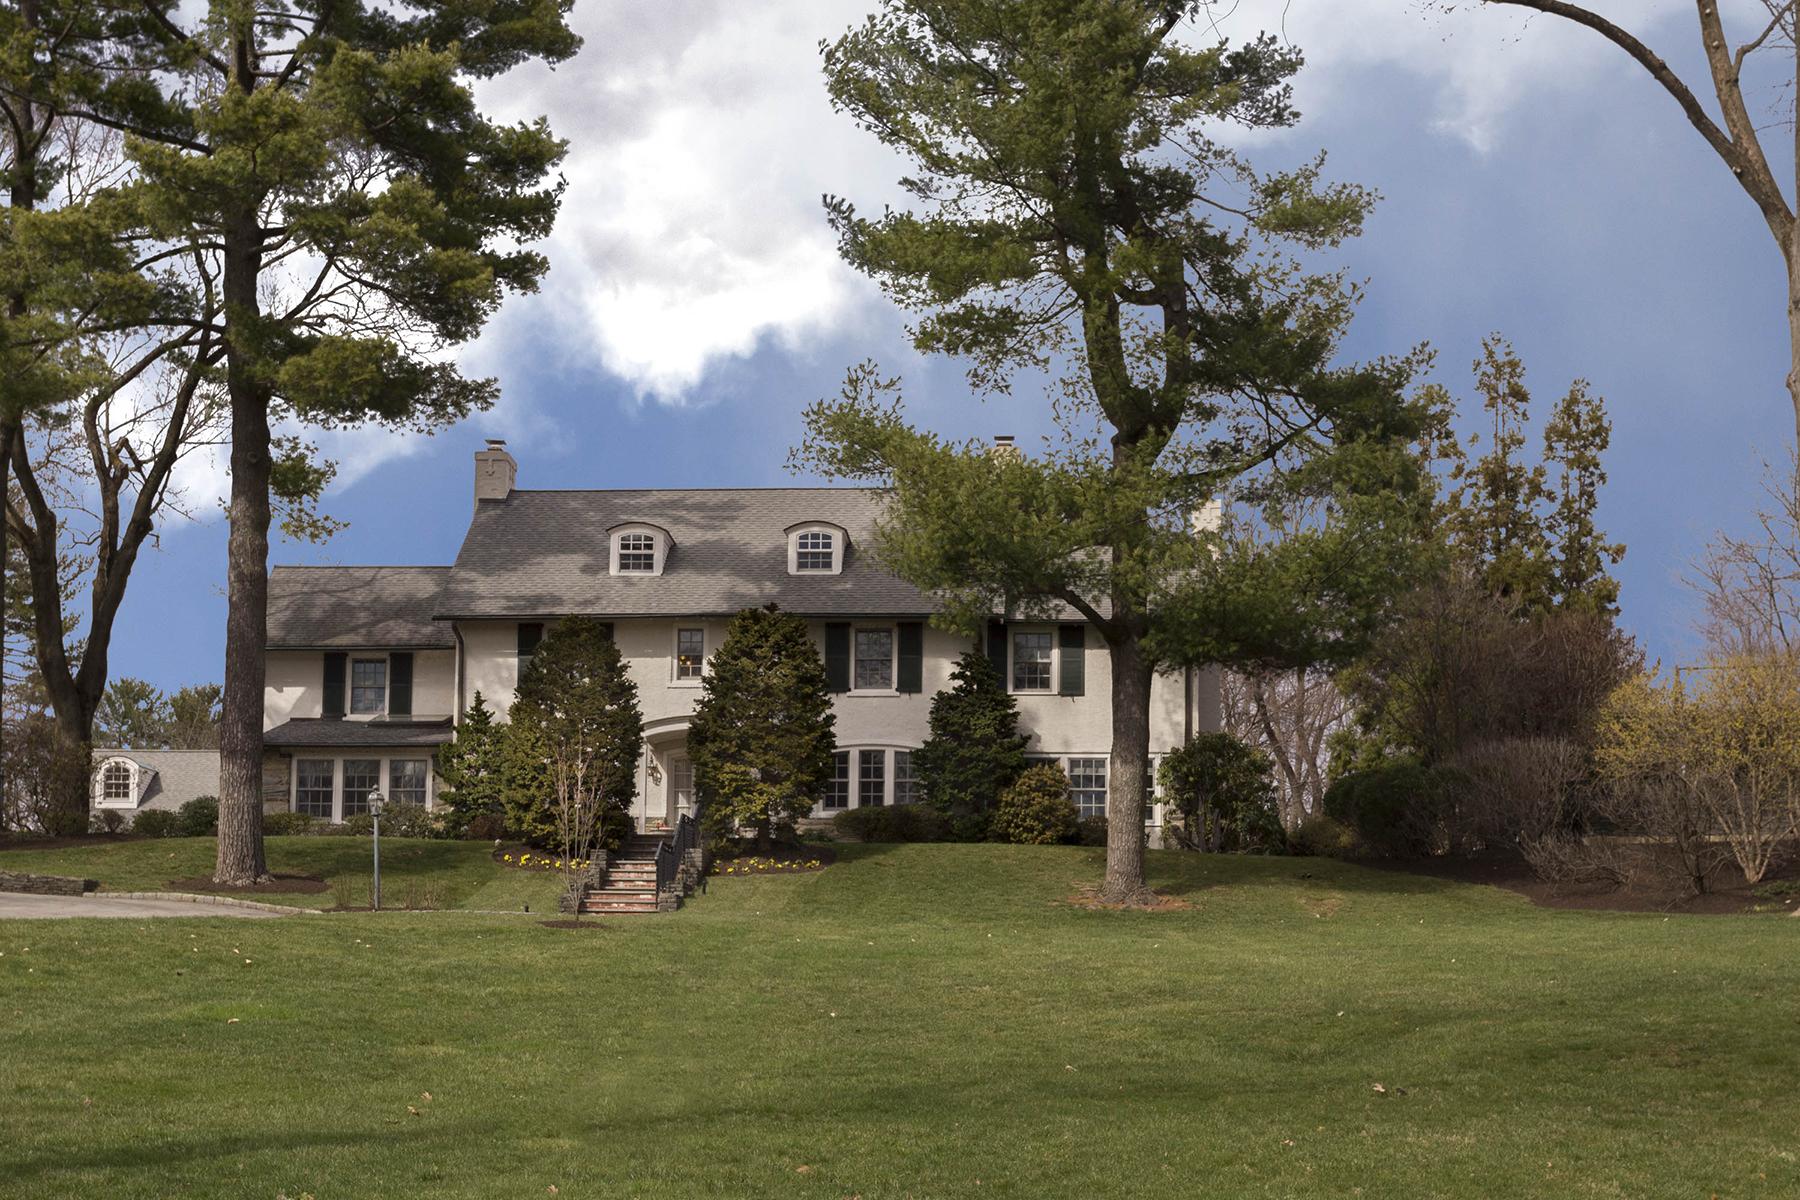 단독 가정 주택 용 매매 에 Stately Wayne Colonial 311 Edgehill Road Wayne, 펜실바니아, 19087 미국